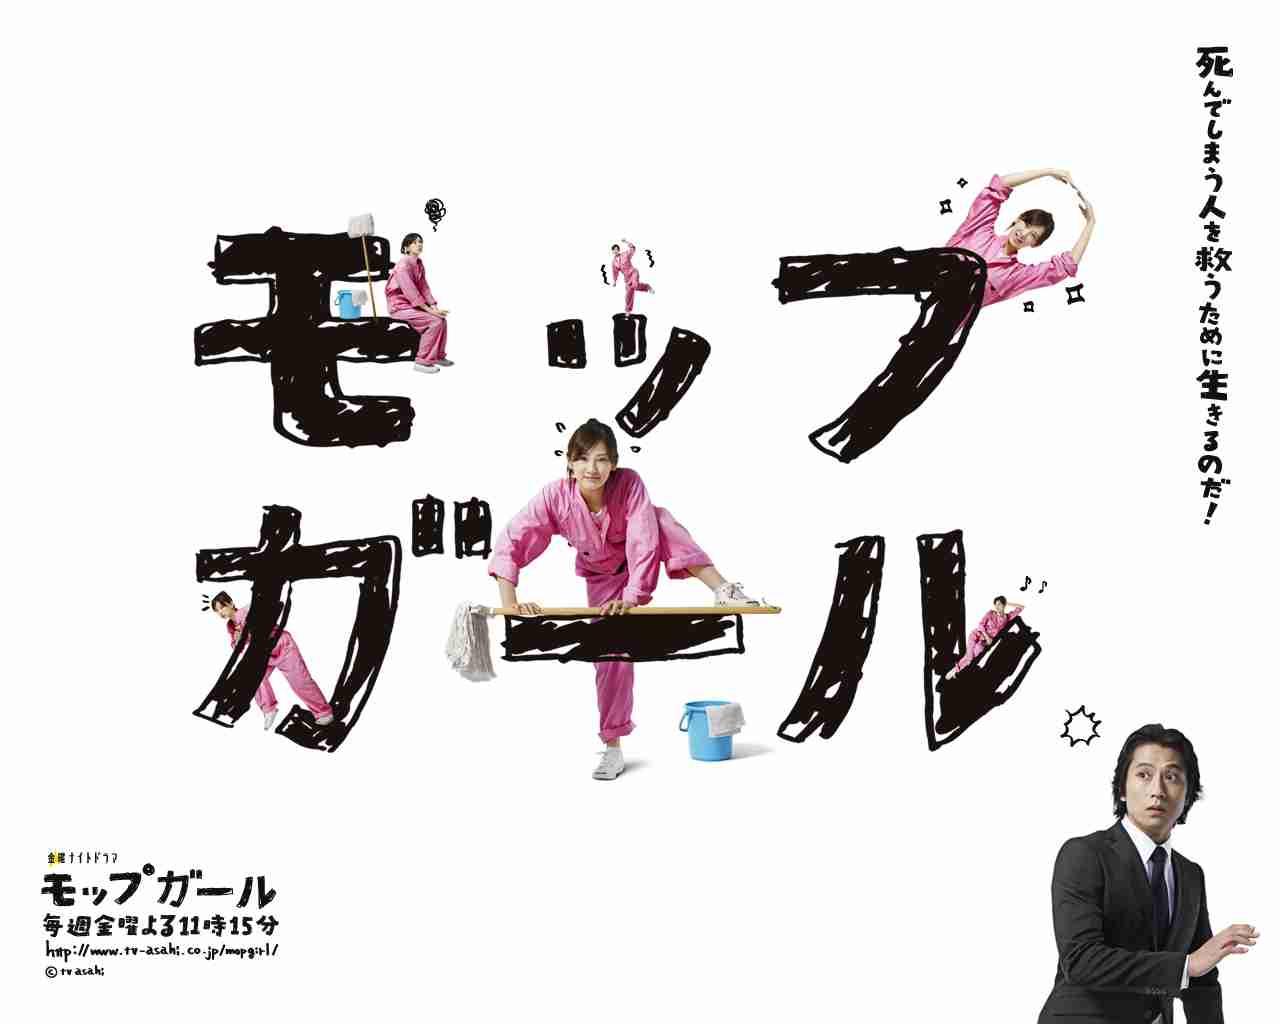 日本でリメイクして欲しい海外ドラマ